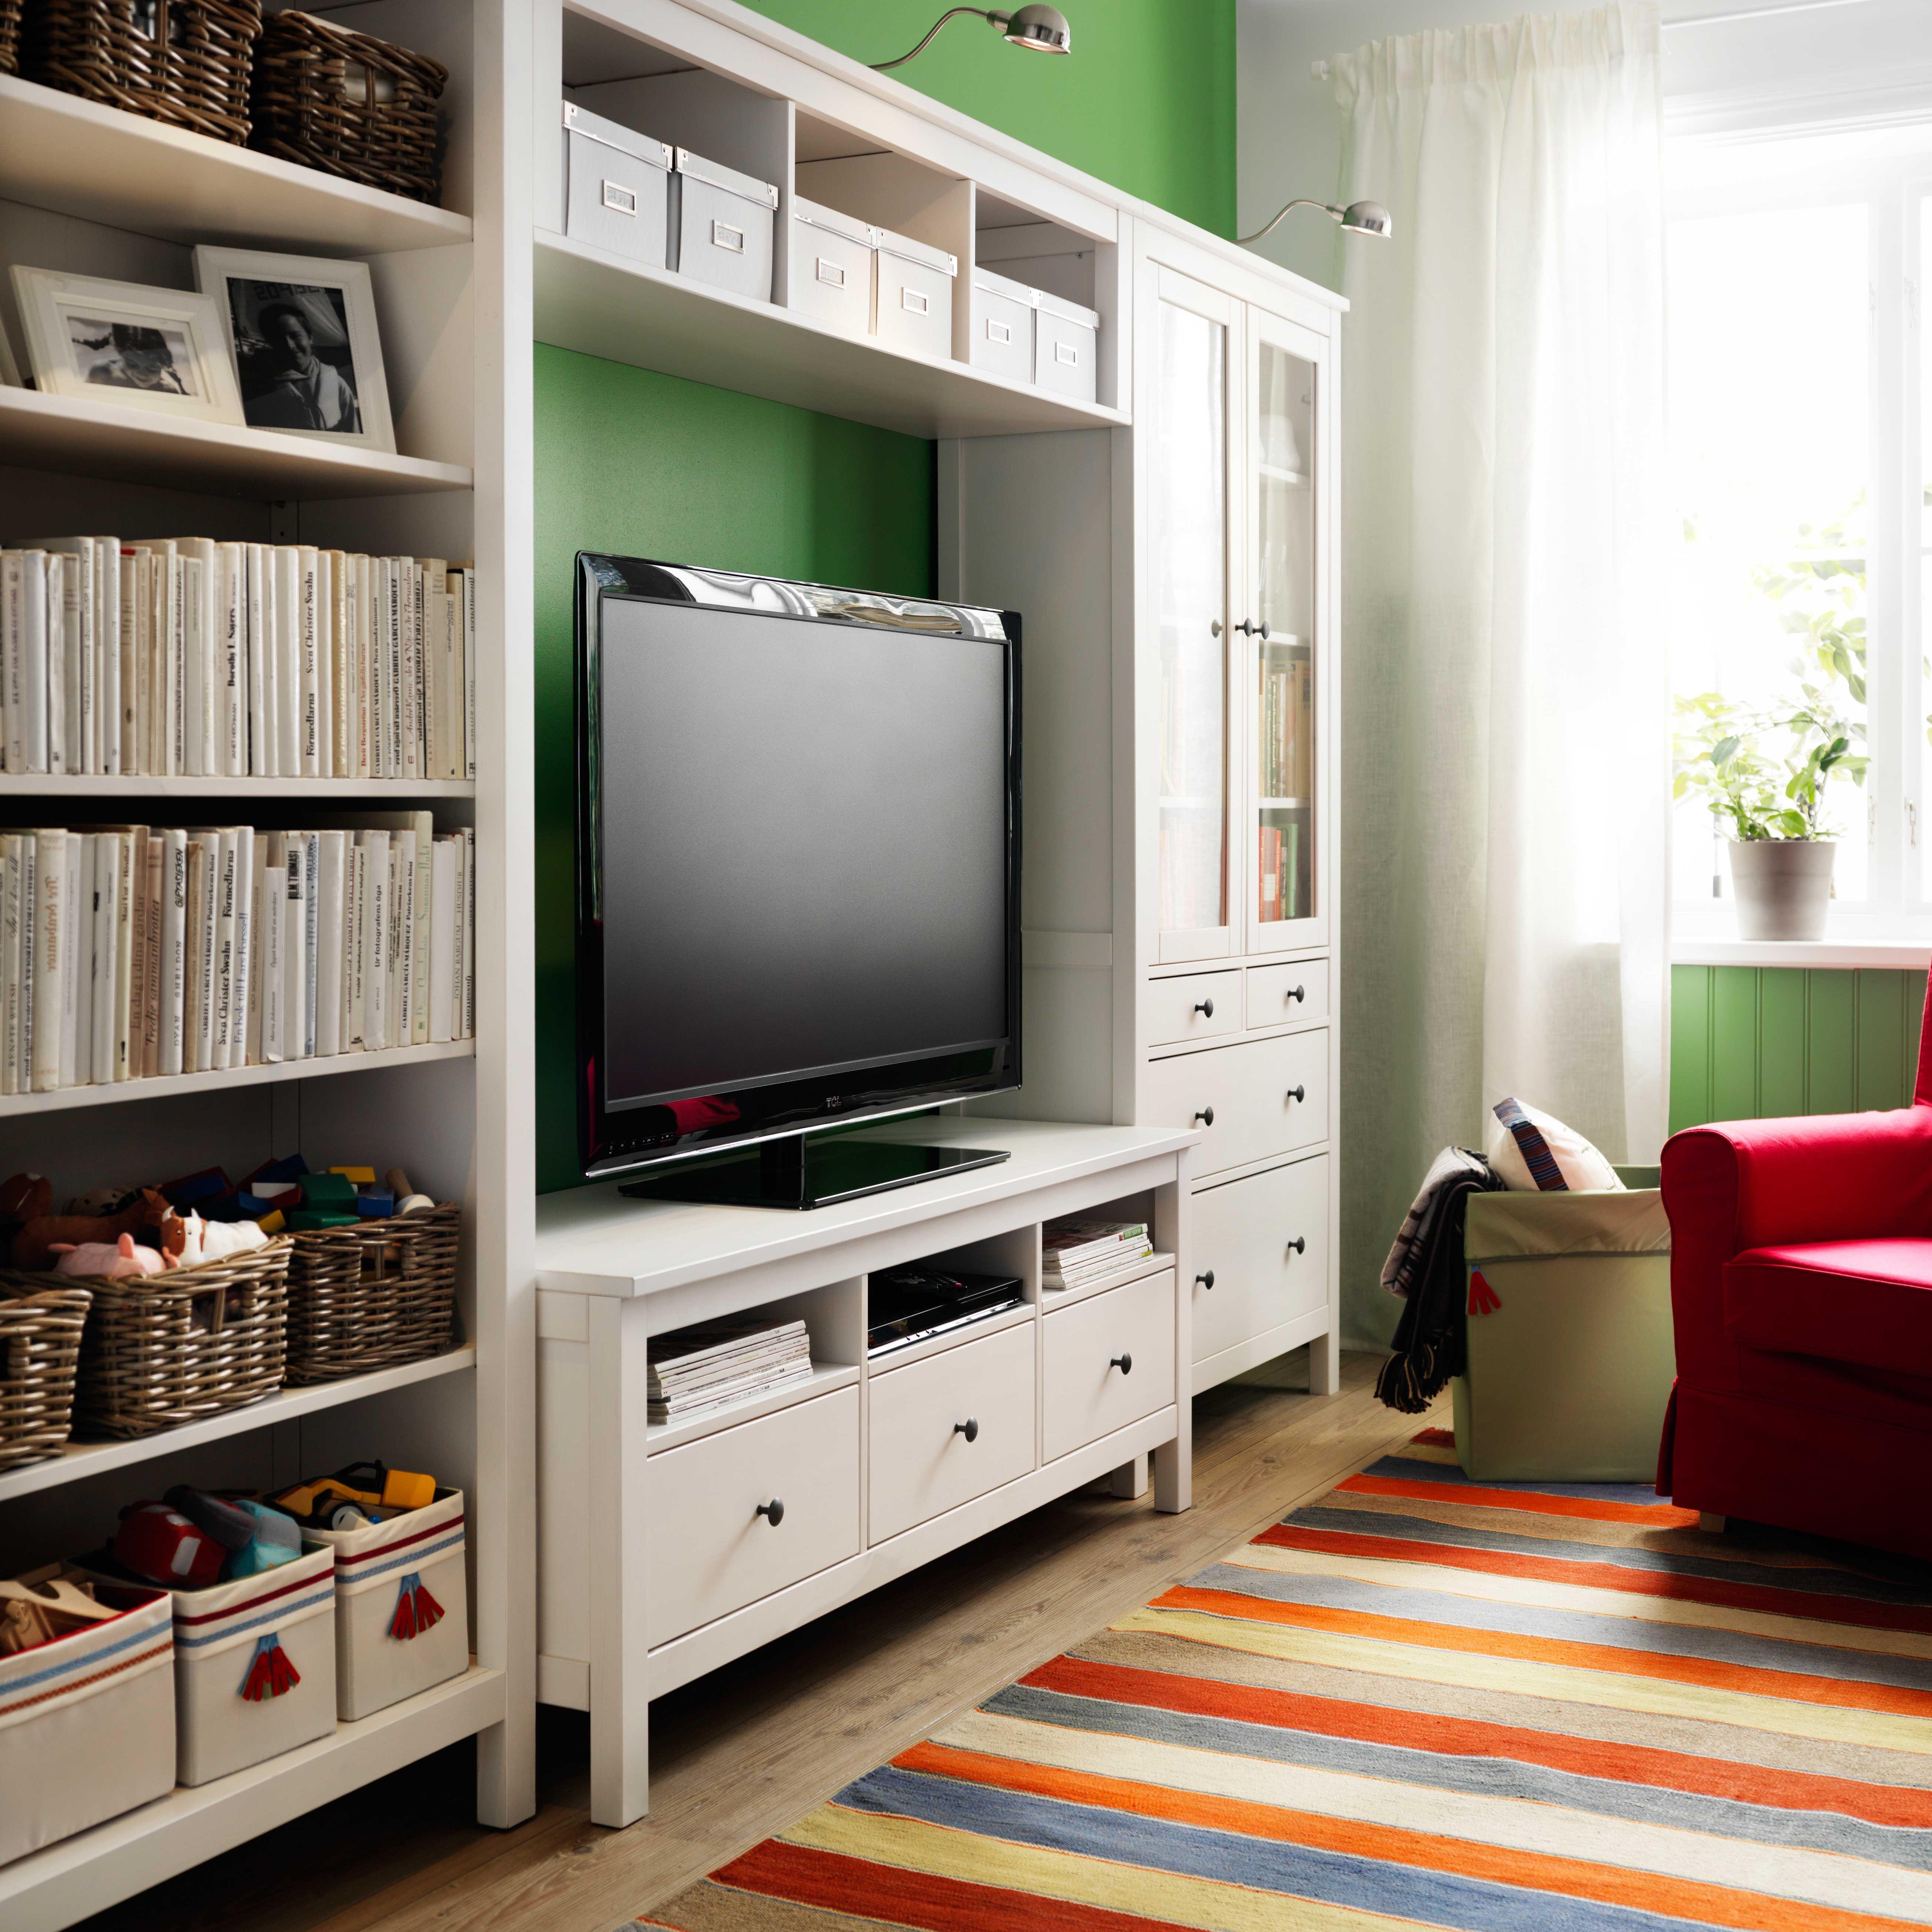 Hemnes Tv Möbel | Ikea Hemnes Fürs Neue Wz: Zu ...